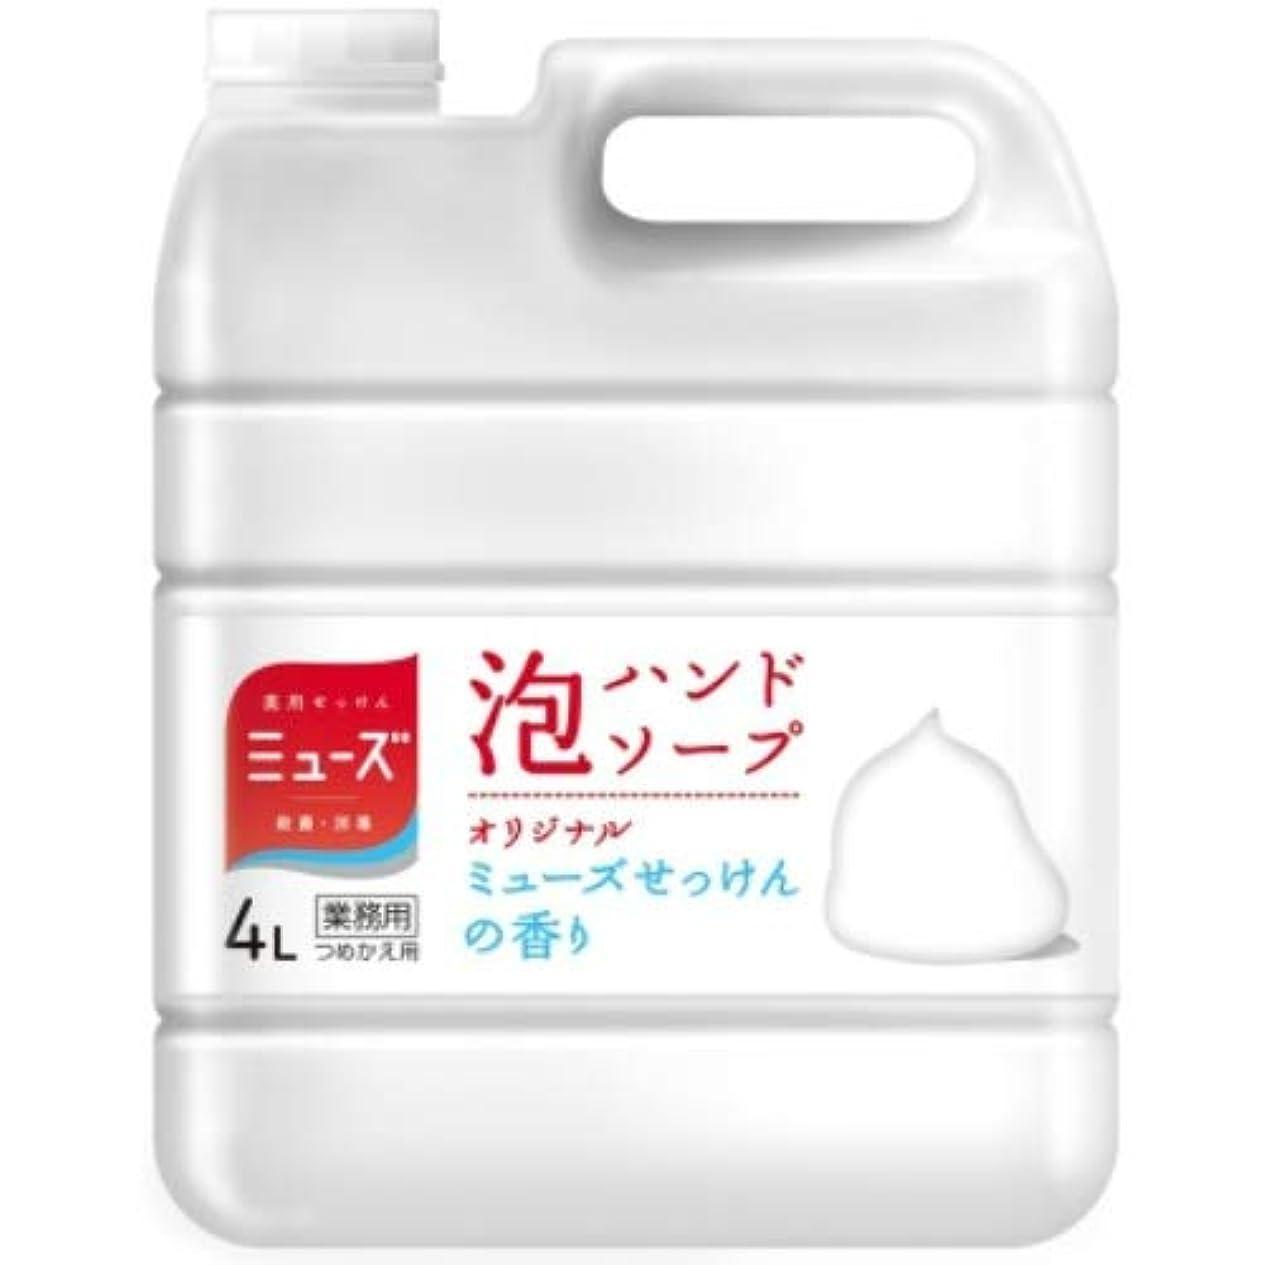 必要ない武装解除合併【医薬部外品】泡ミューズ オリジナル 4L